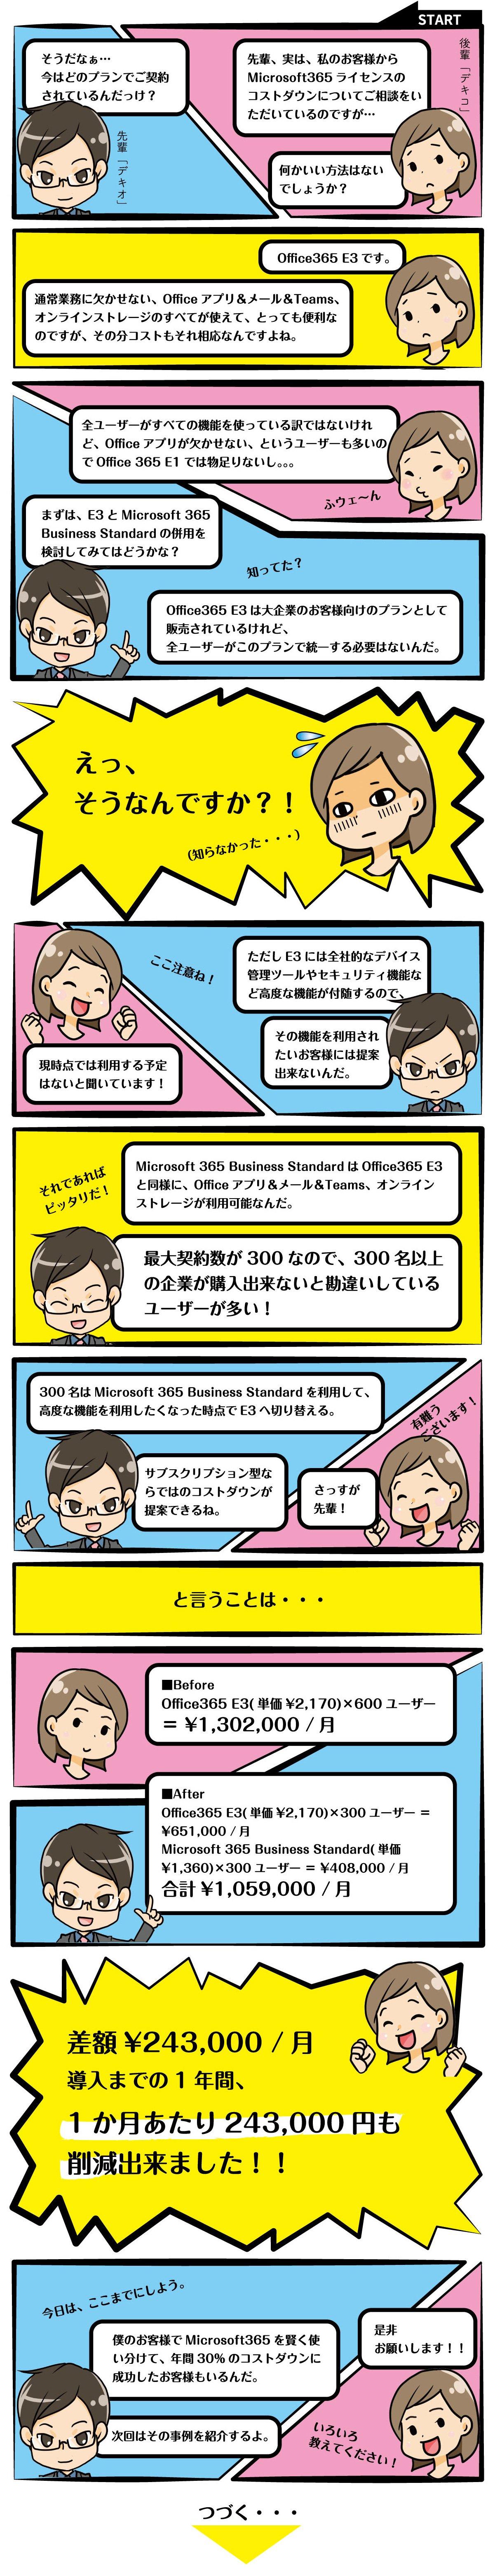 manga_main.jpg